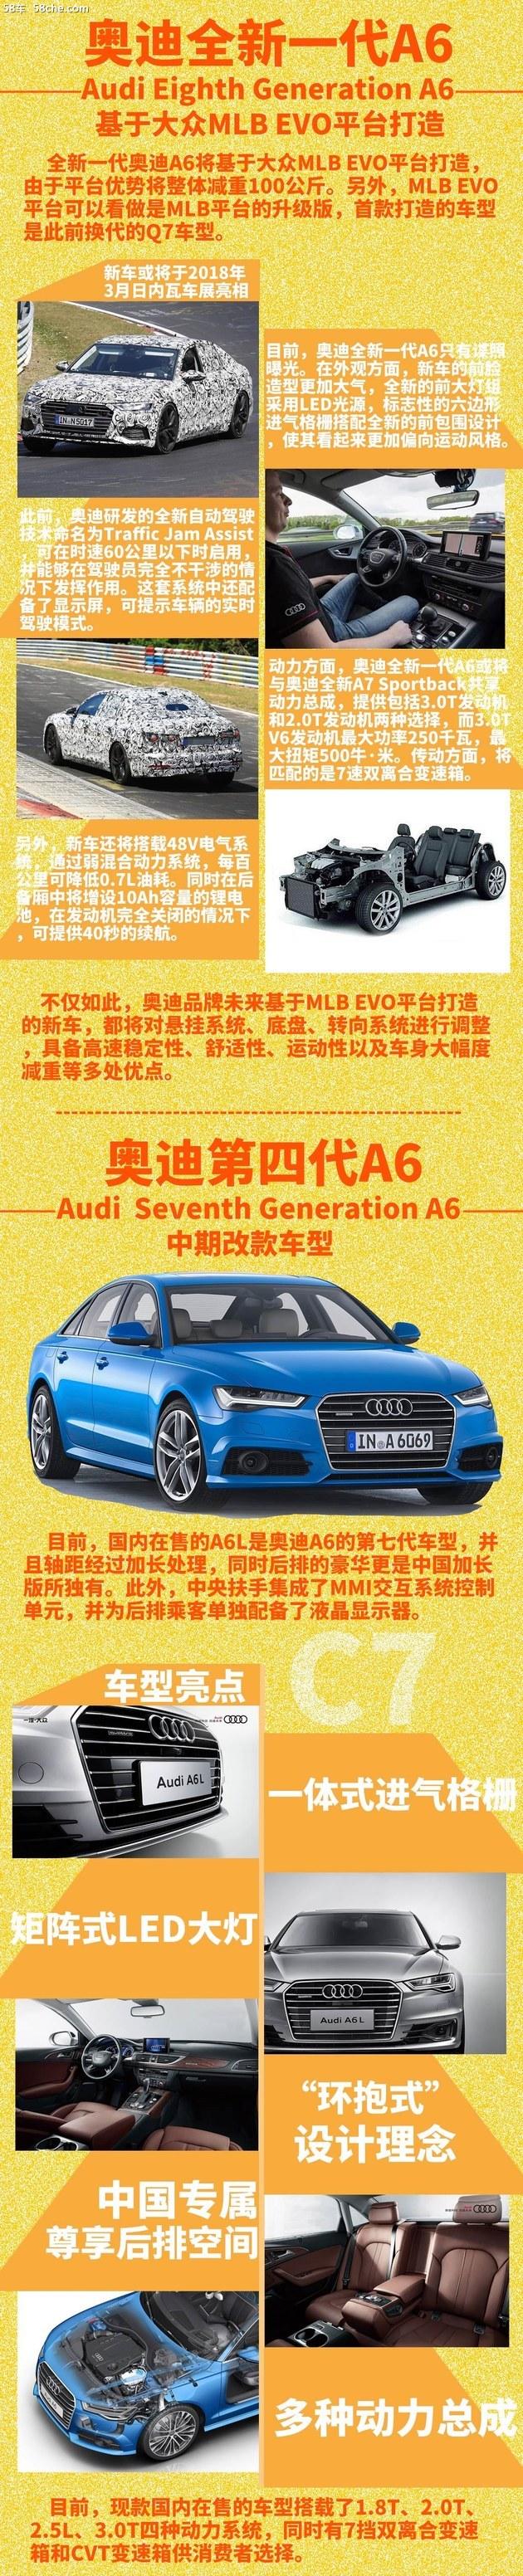 奥迪A6历史解读 国内C级车市场的成功者